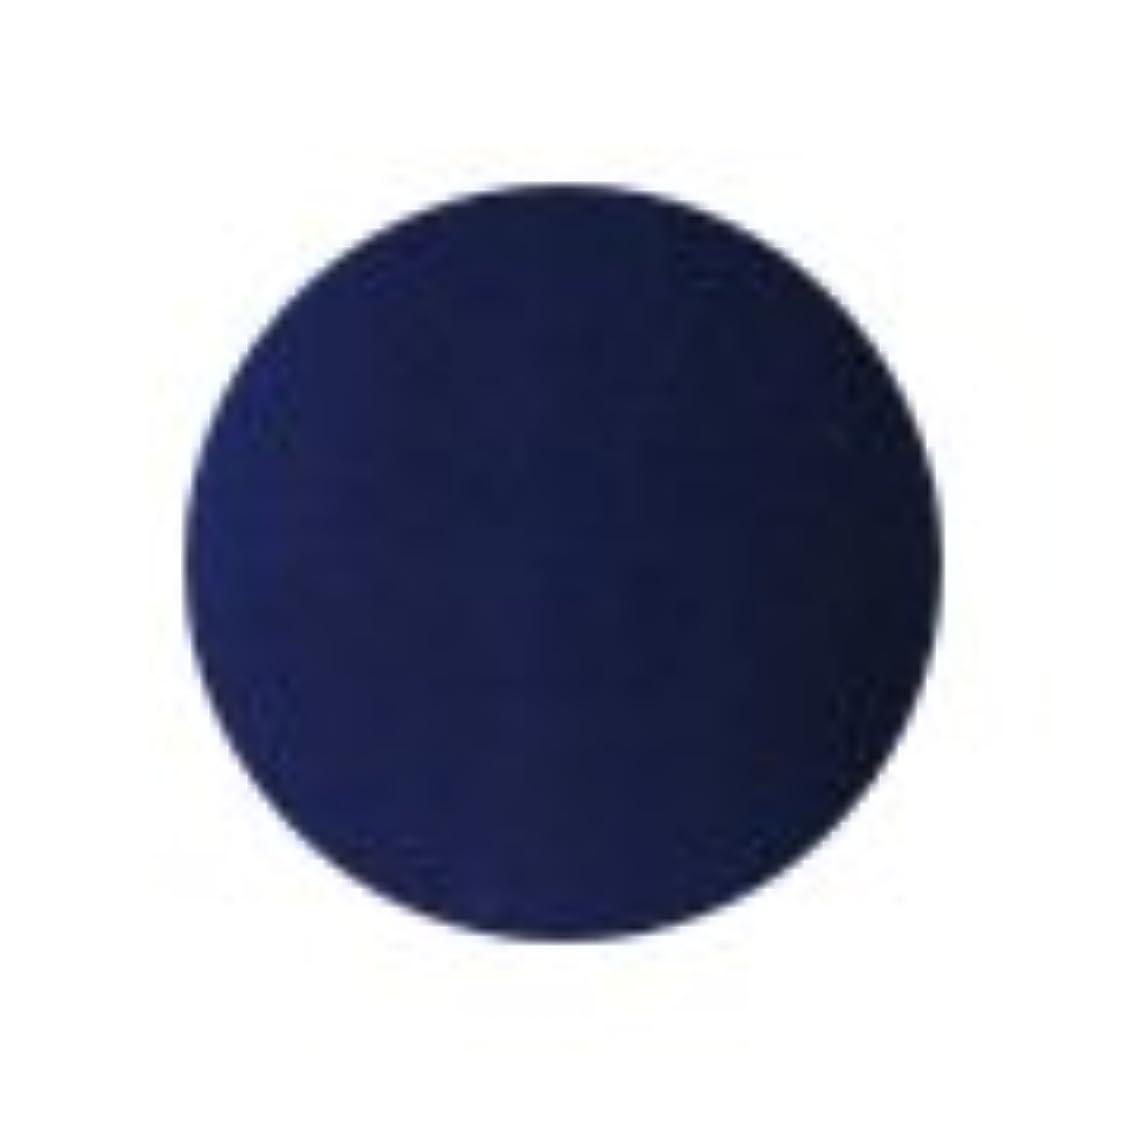 アセンブリご注意ビタミン★PREGEL(プリジェル) スーパーカラーEX 4g<BR>PG-SE259 ネイビー